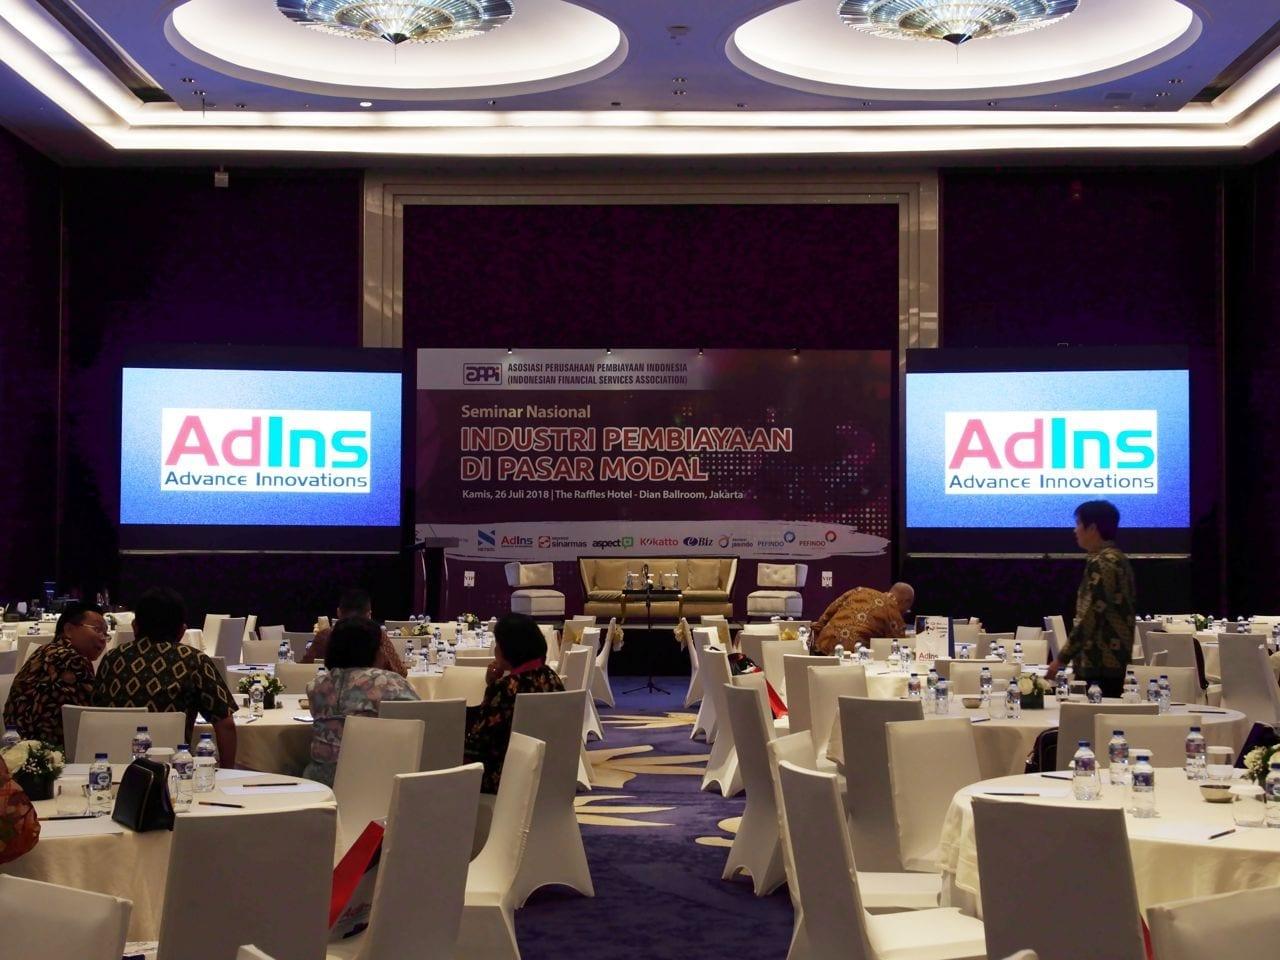 Peran dan Dukungan AdIns dalam Seminar Nasional APPI – Solusi AdIns untuk Multi Finance